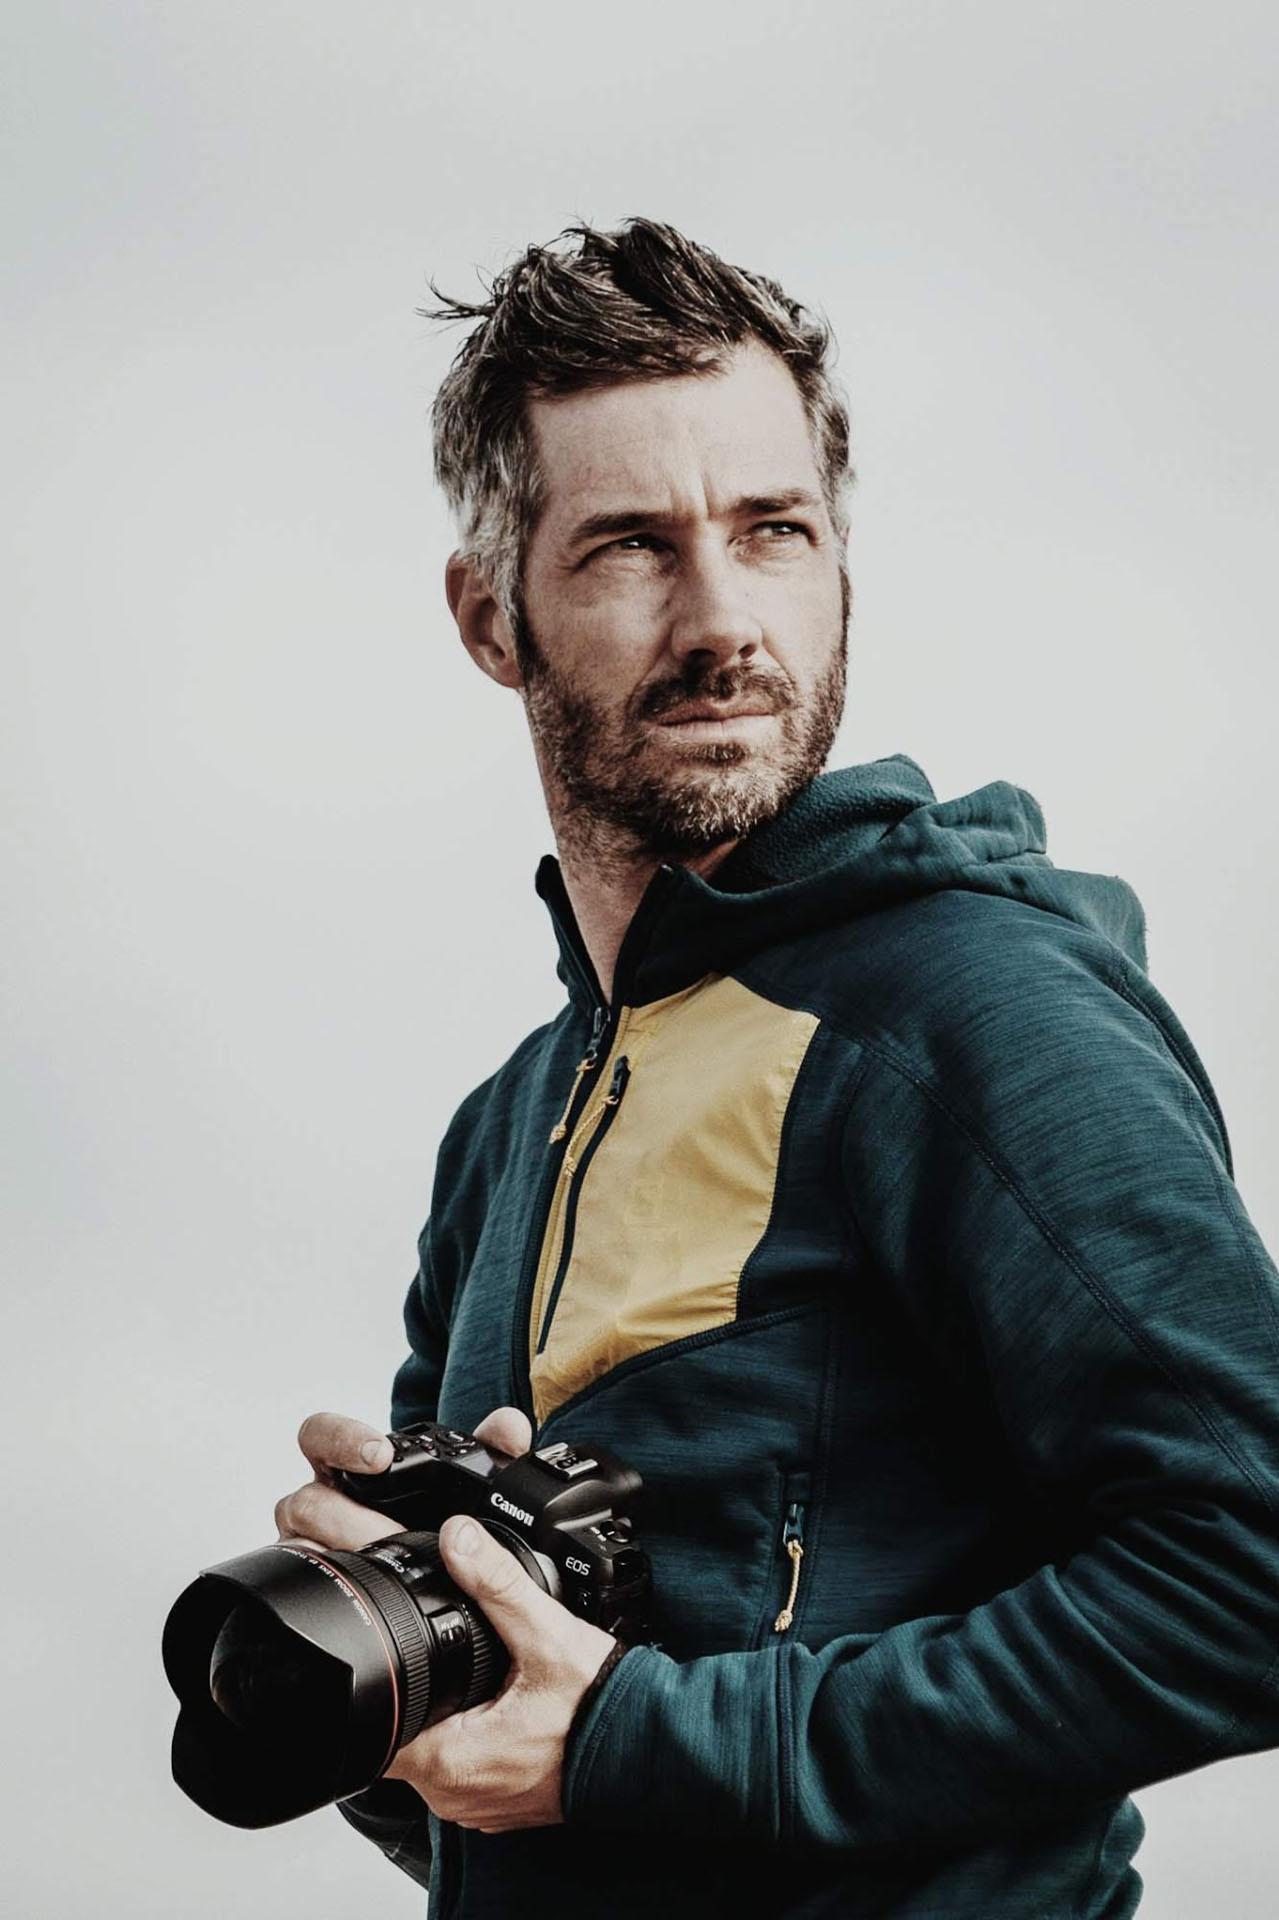 Bohnensack – Martin Bissig DER Mountain Bike Fotograf